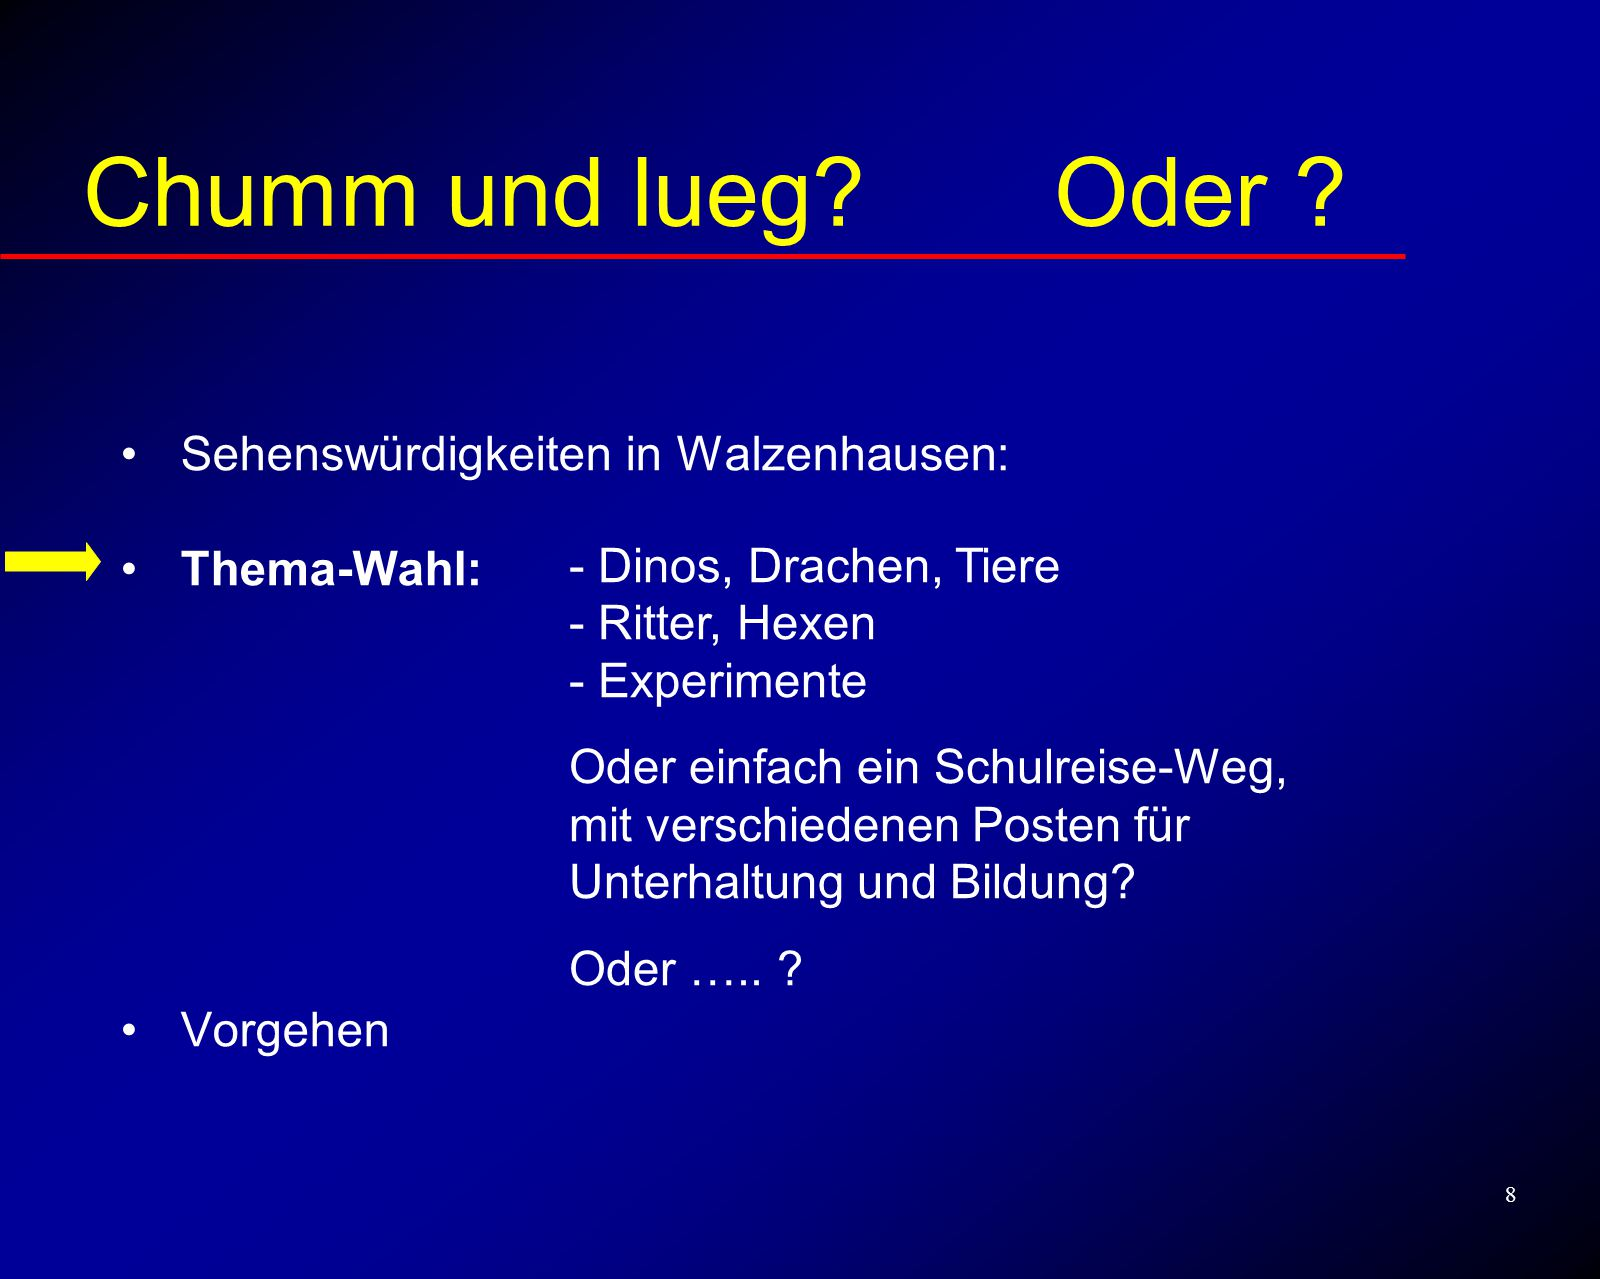 9 Vorgehen Sehenswürdigkeiten in Walzenhausen: Thema-Wahl Vorgehen: Chumm und lueg.